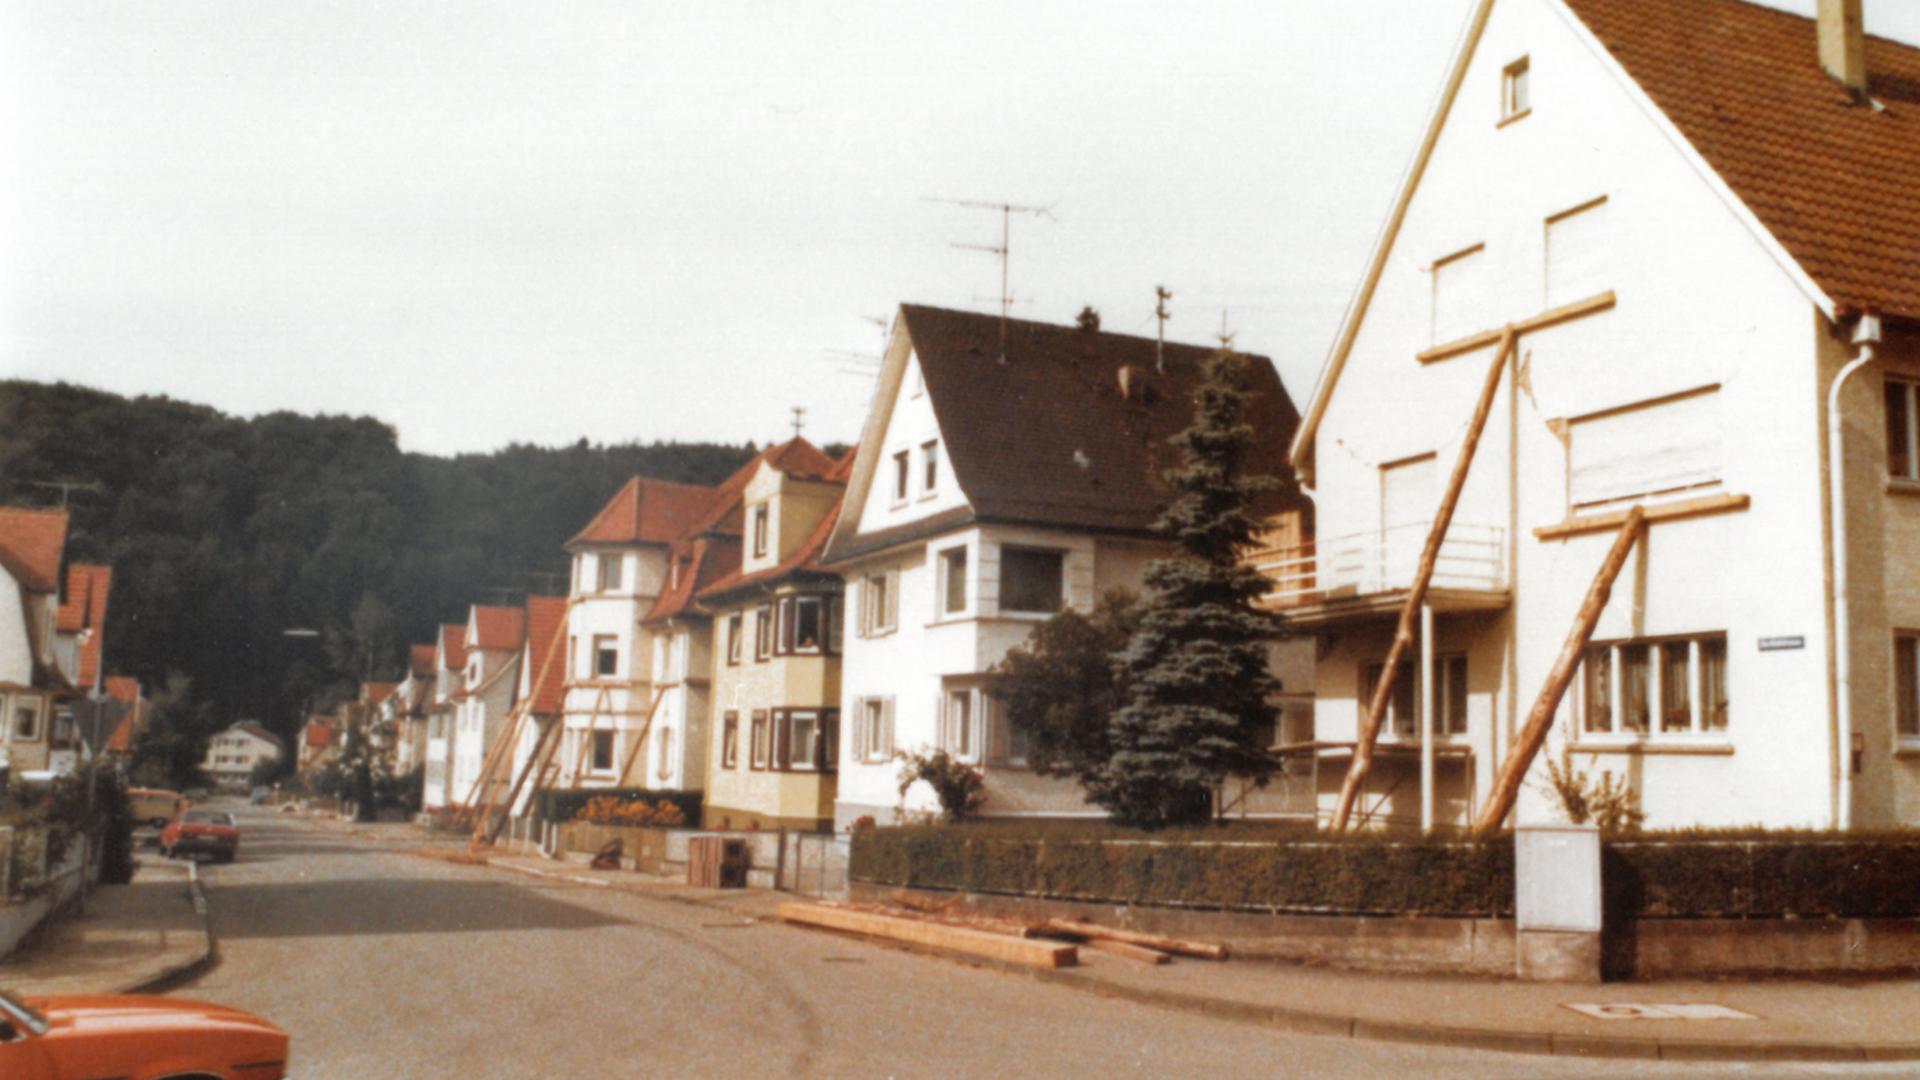 Straße mit abgestützten Häusern